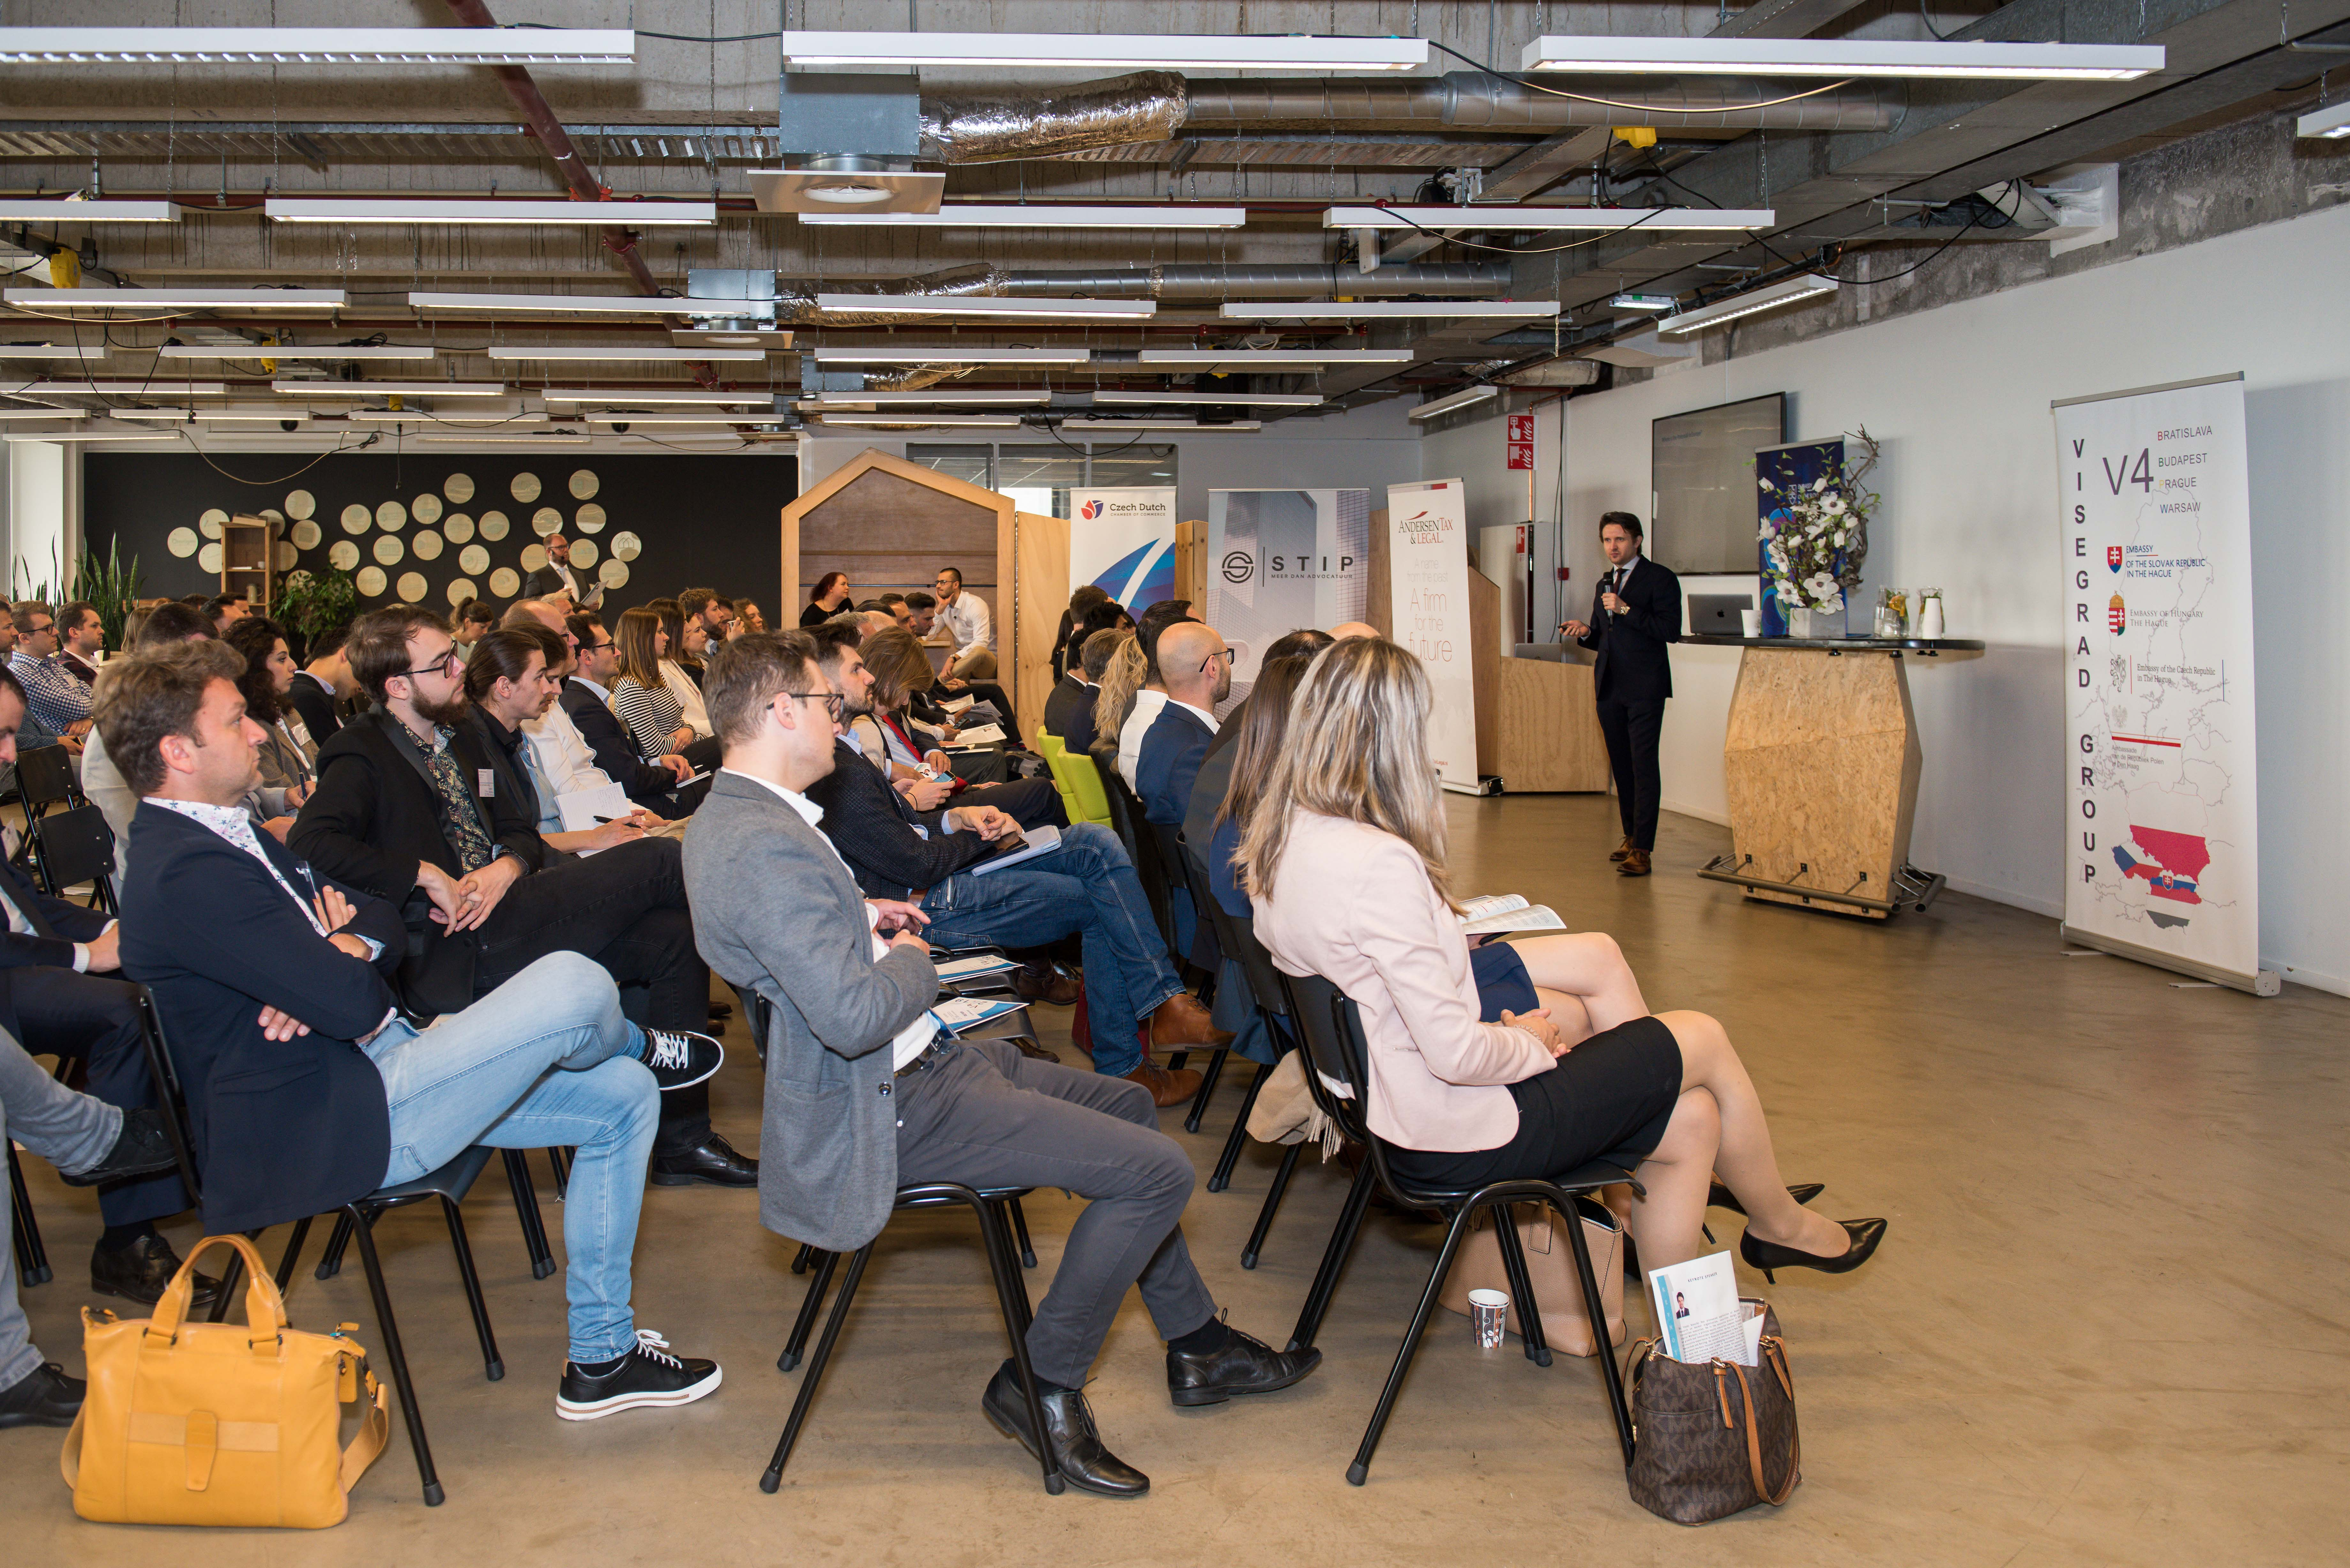 V4 Startups photo